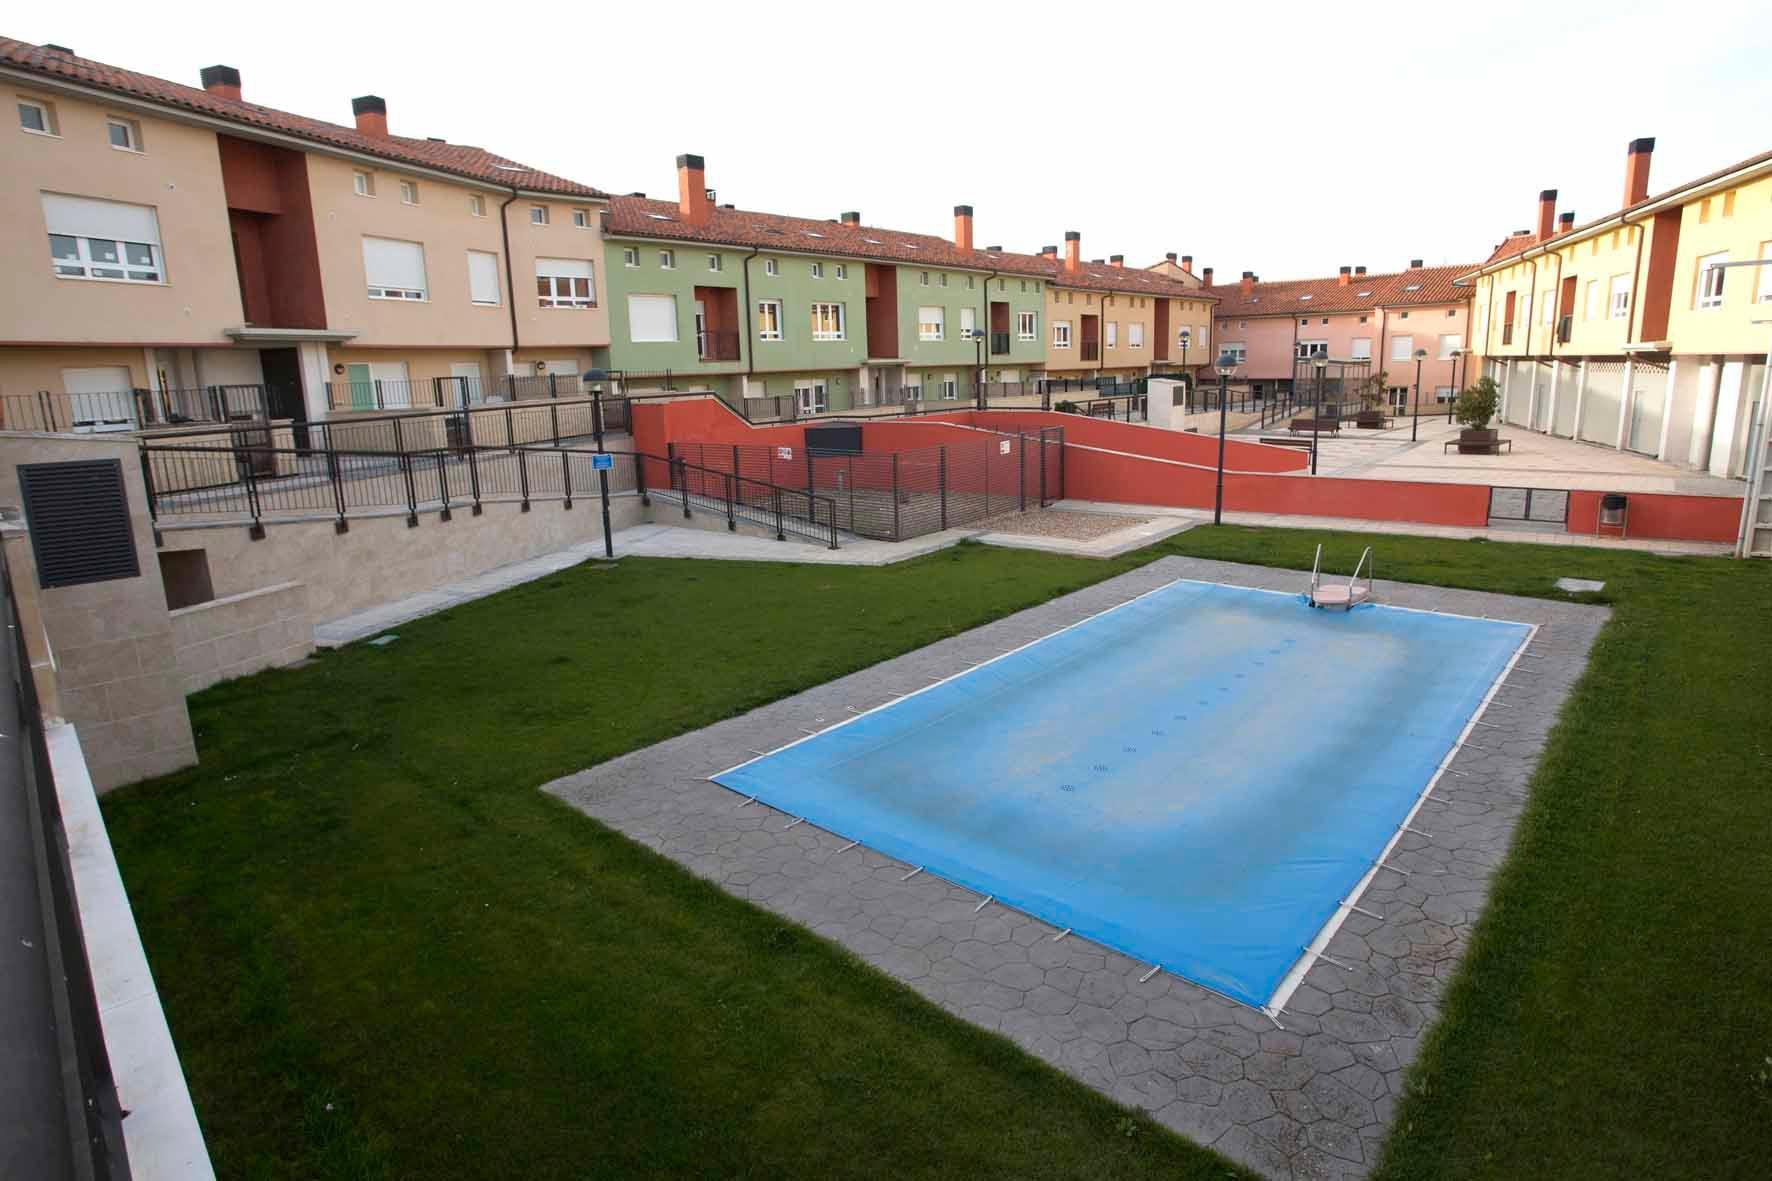 Local en venta en Cogollos, Burgos, Calle Real, 51.600 €, 310 m2